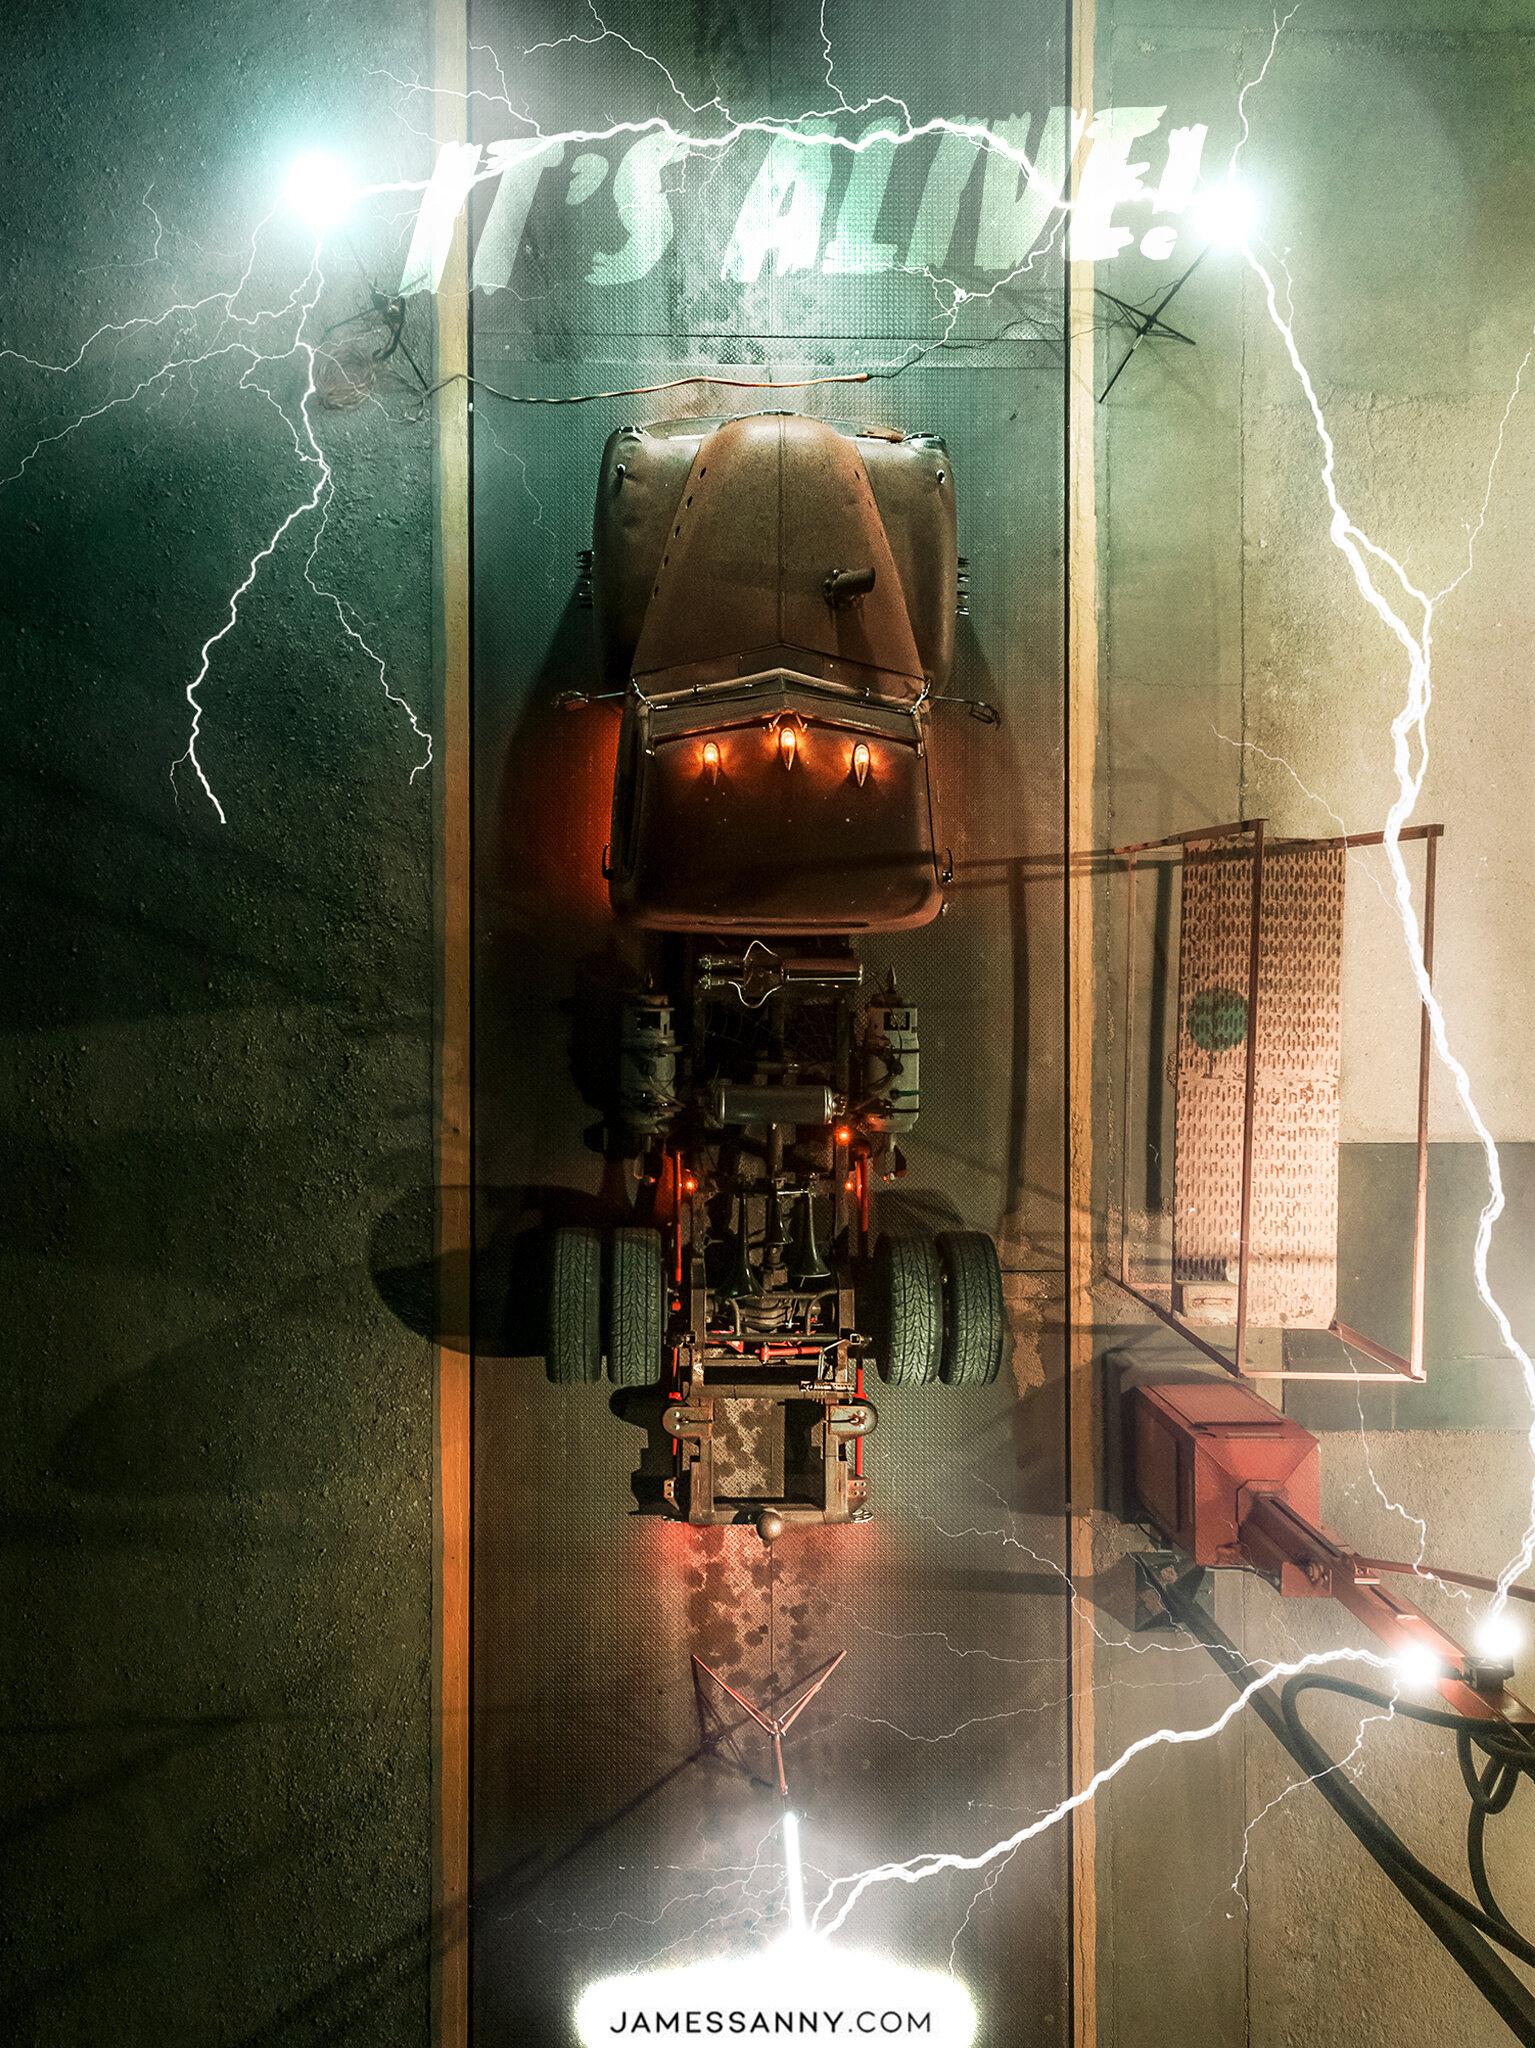 Trent-FrankensteinSM.jpg